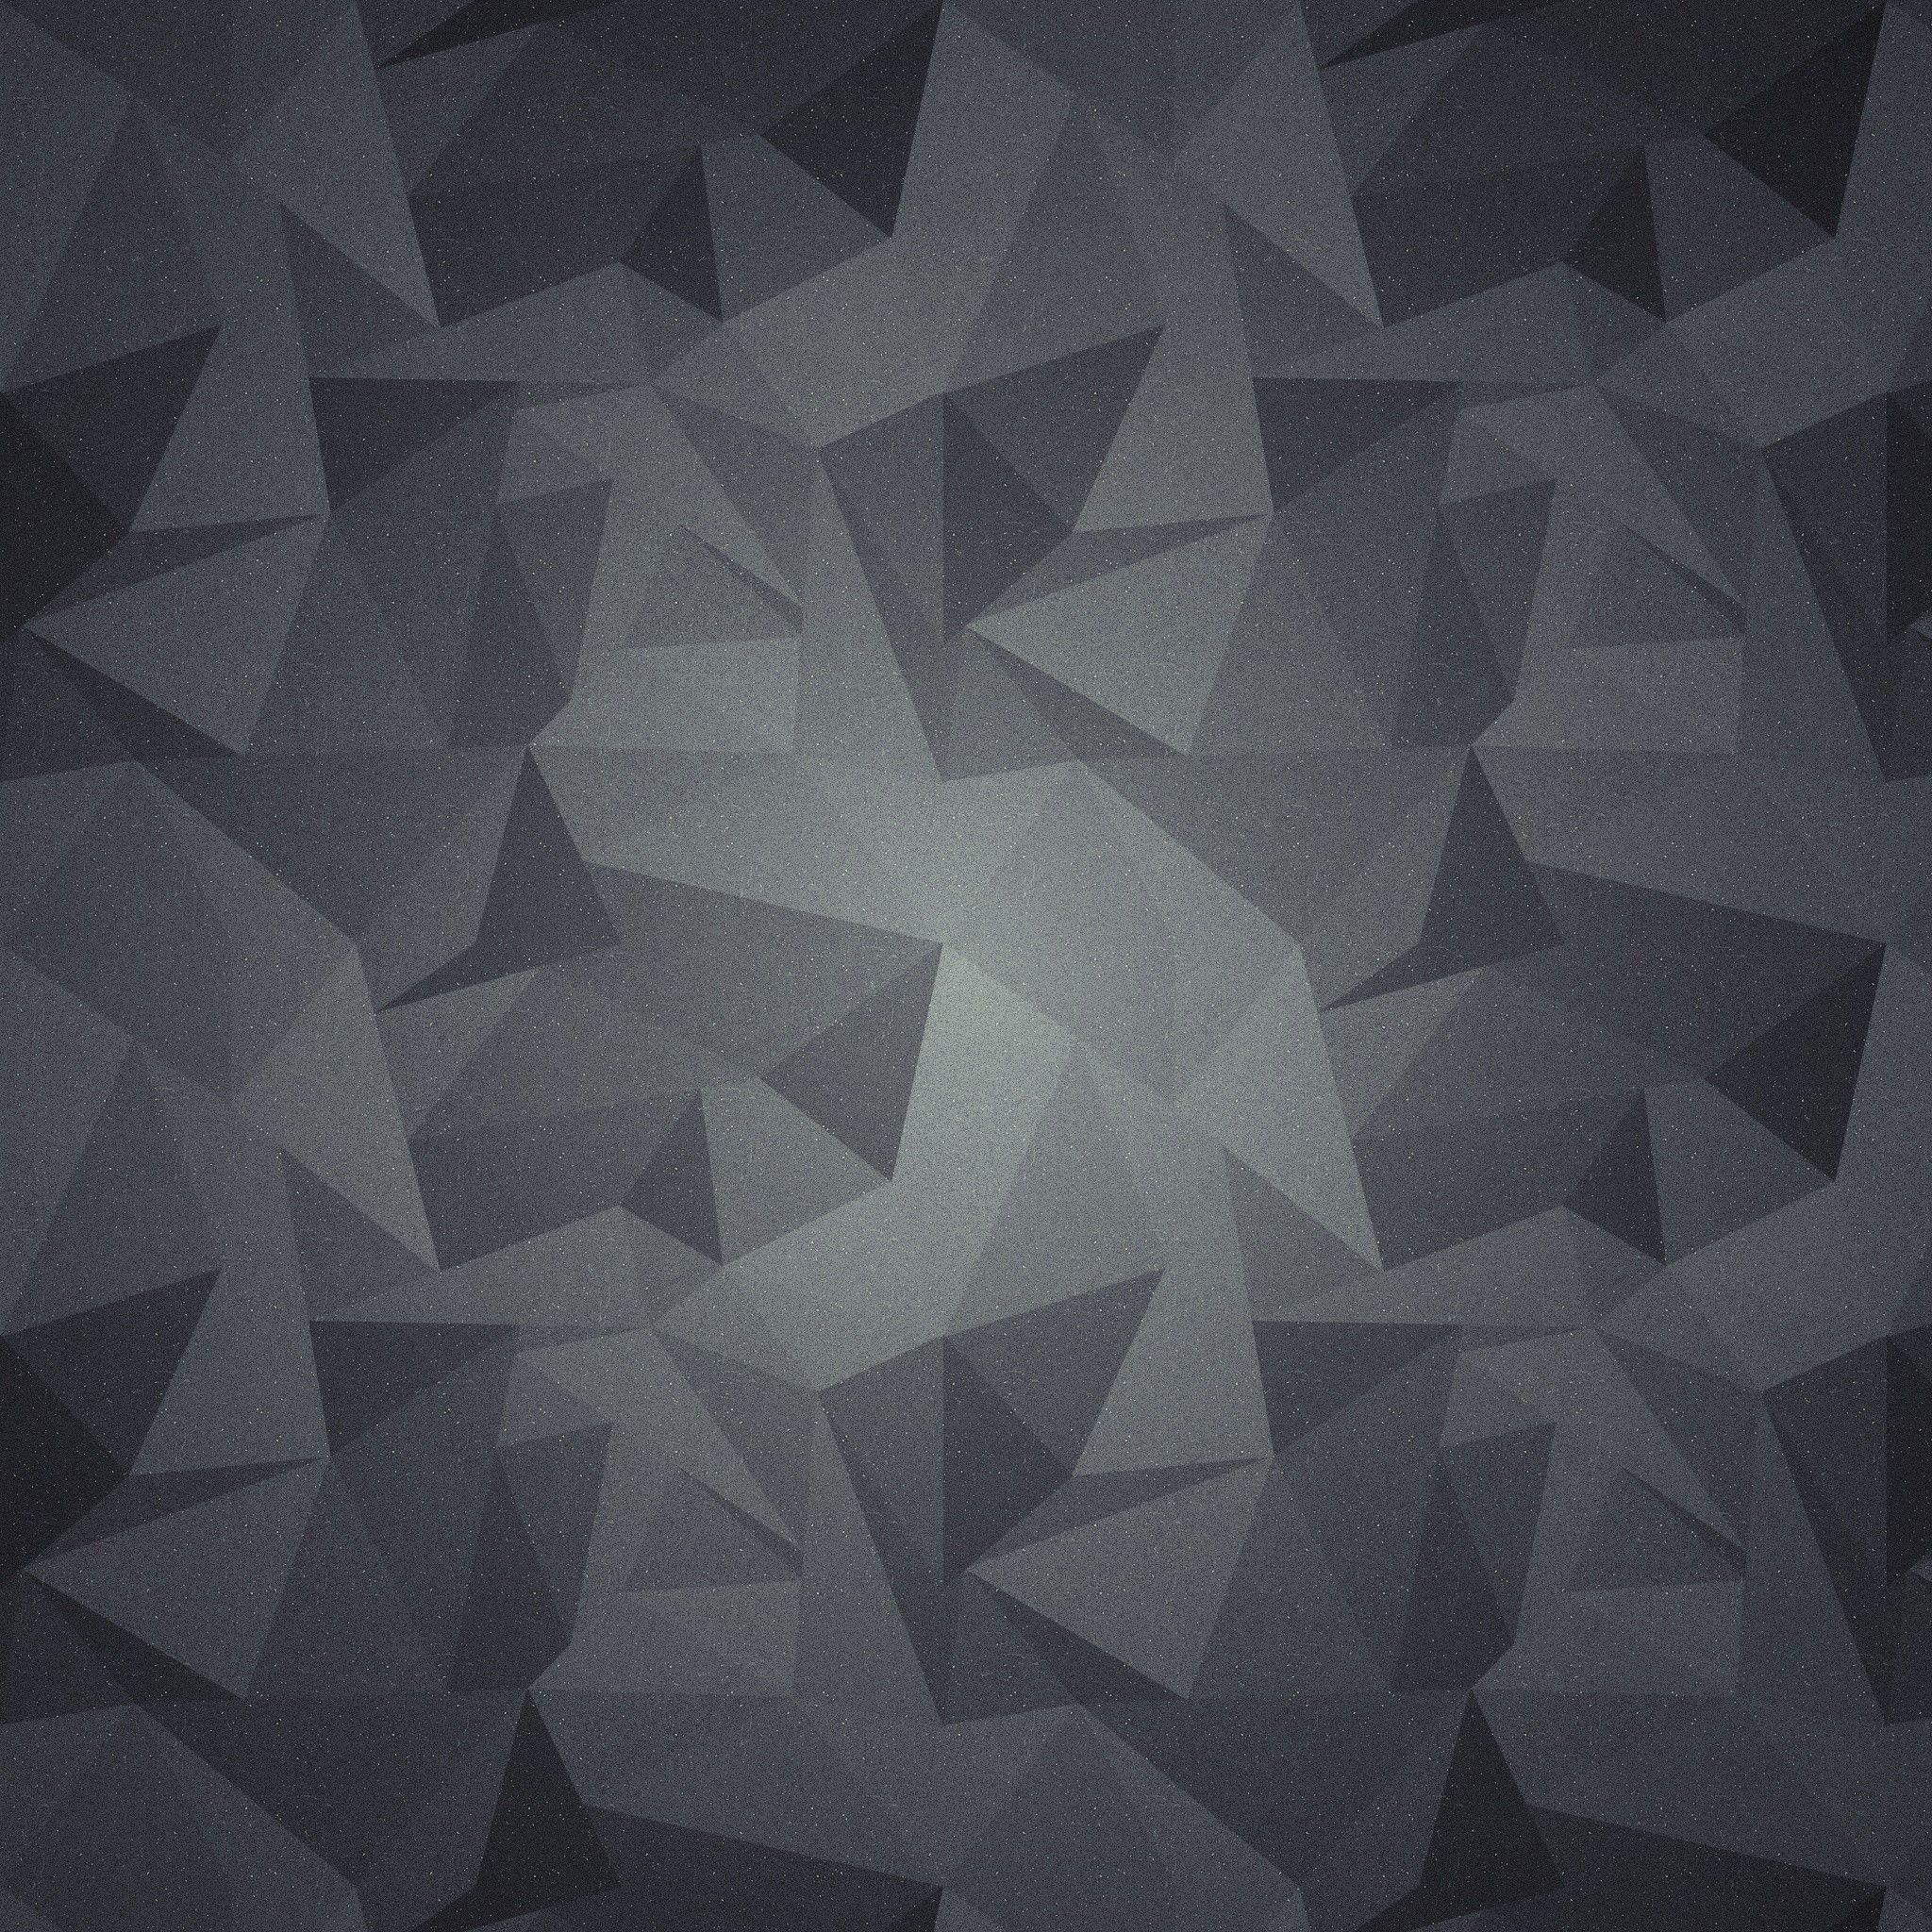 Ipad Air Ipad Mini 2 Hd Wallpaper For Free Download